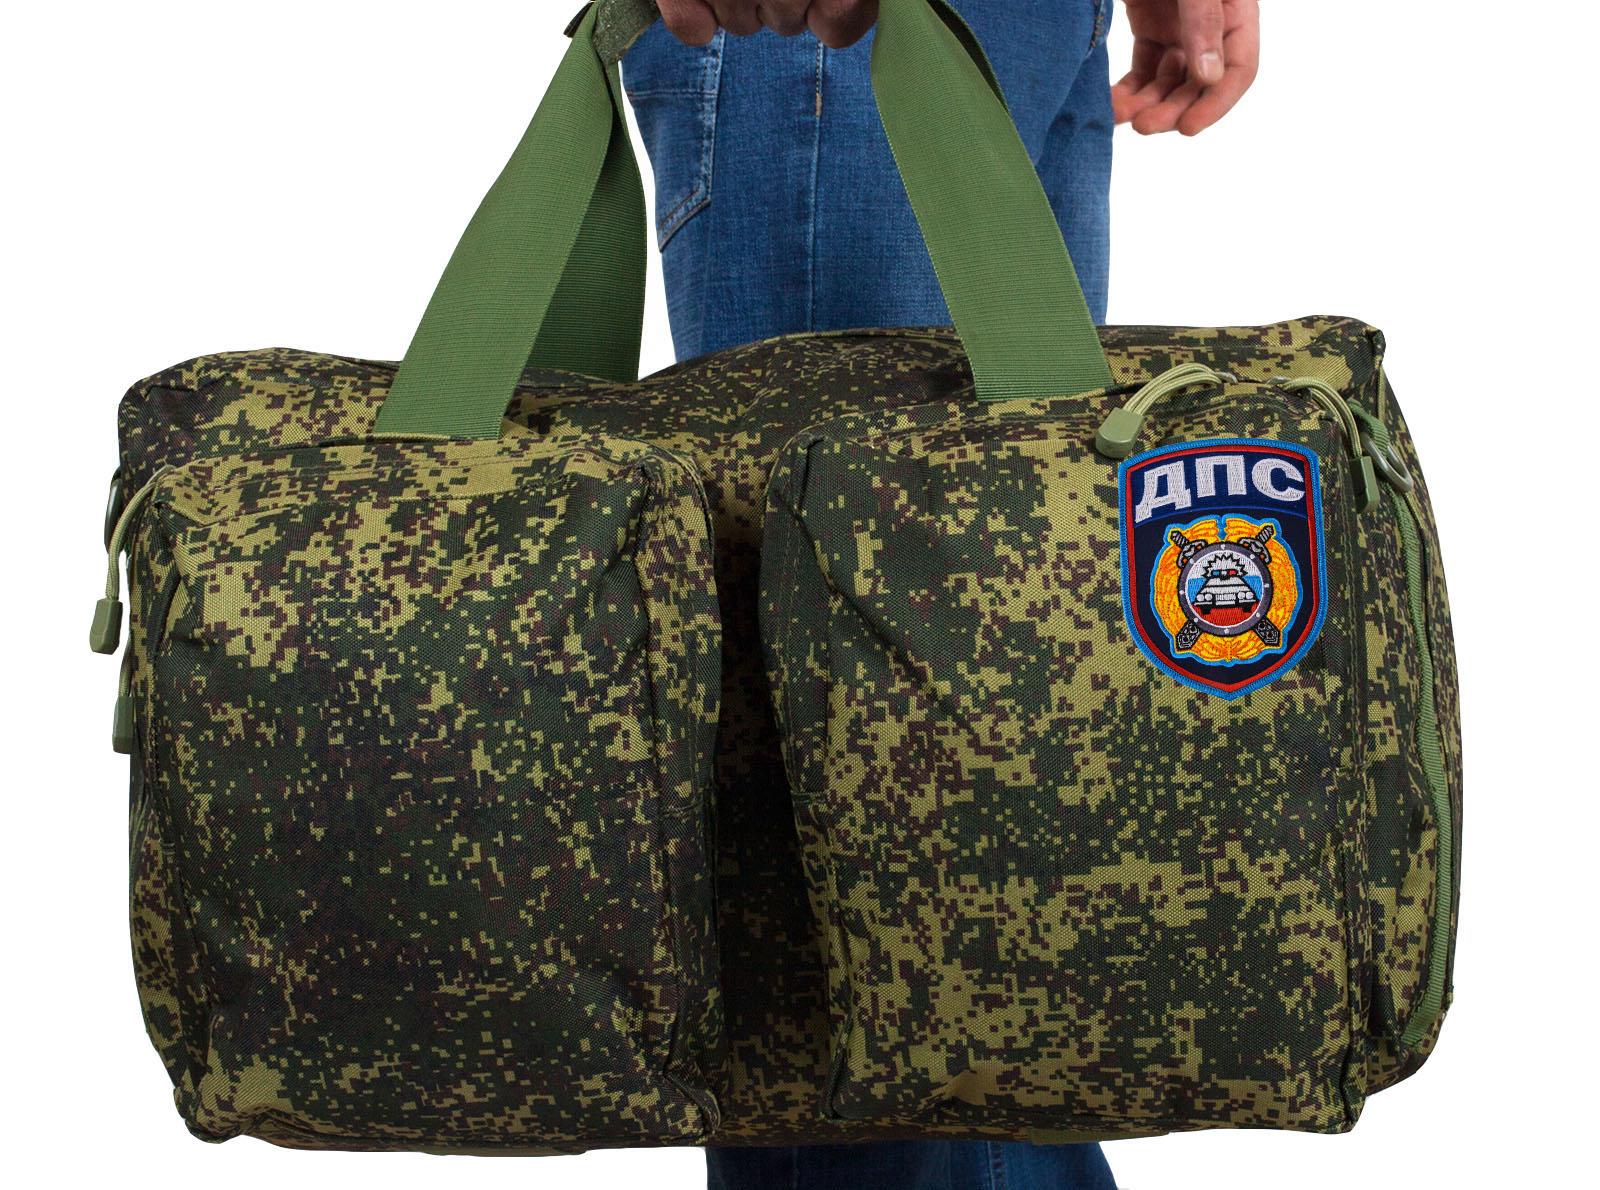 Тактическая мужская сумка-рюкзак с нашивкой ДПС - купить онлайн